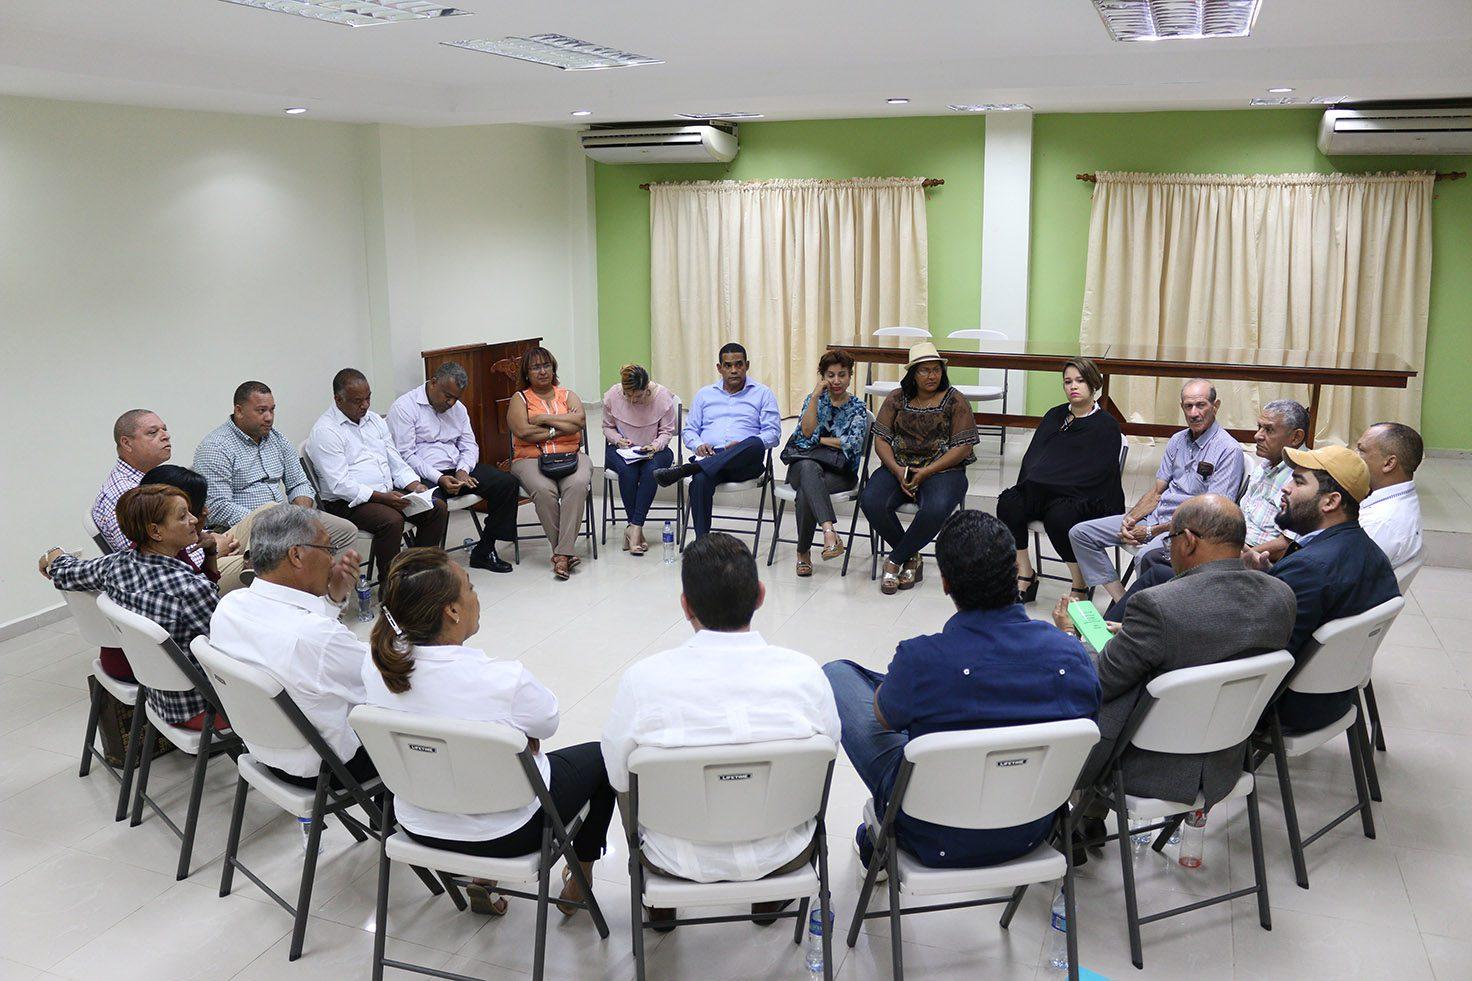 Autoridades y dirigentes comunitarios realizan encuentro para resolver problemas de los límites territoriales de Juma y Bonao